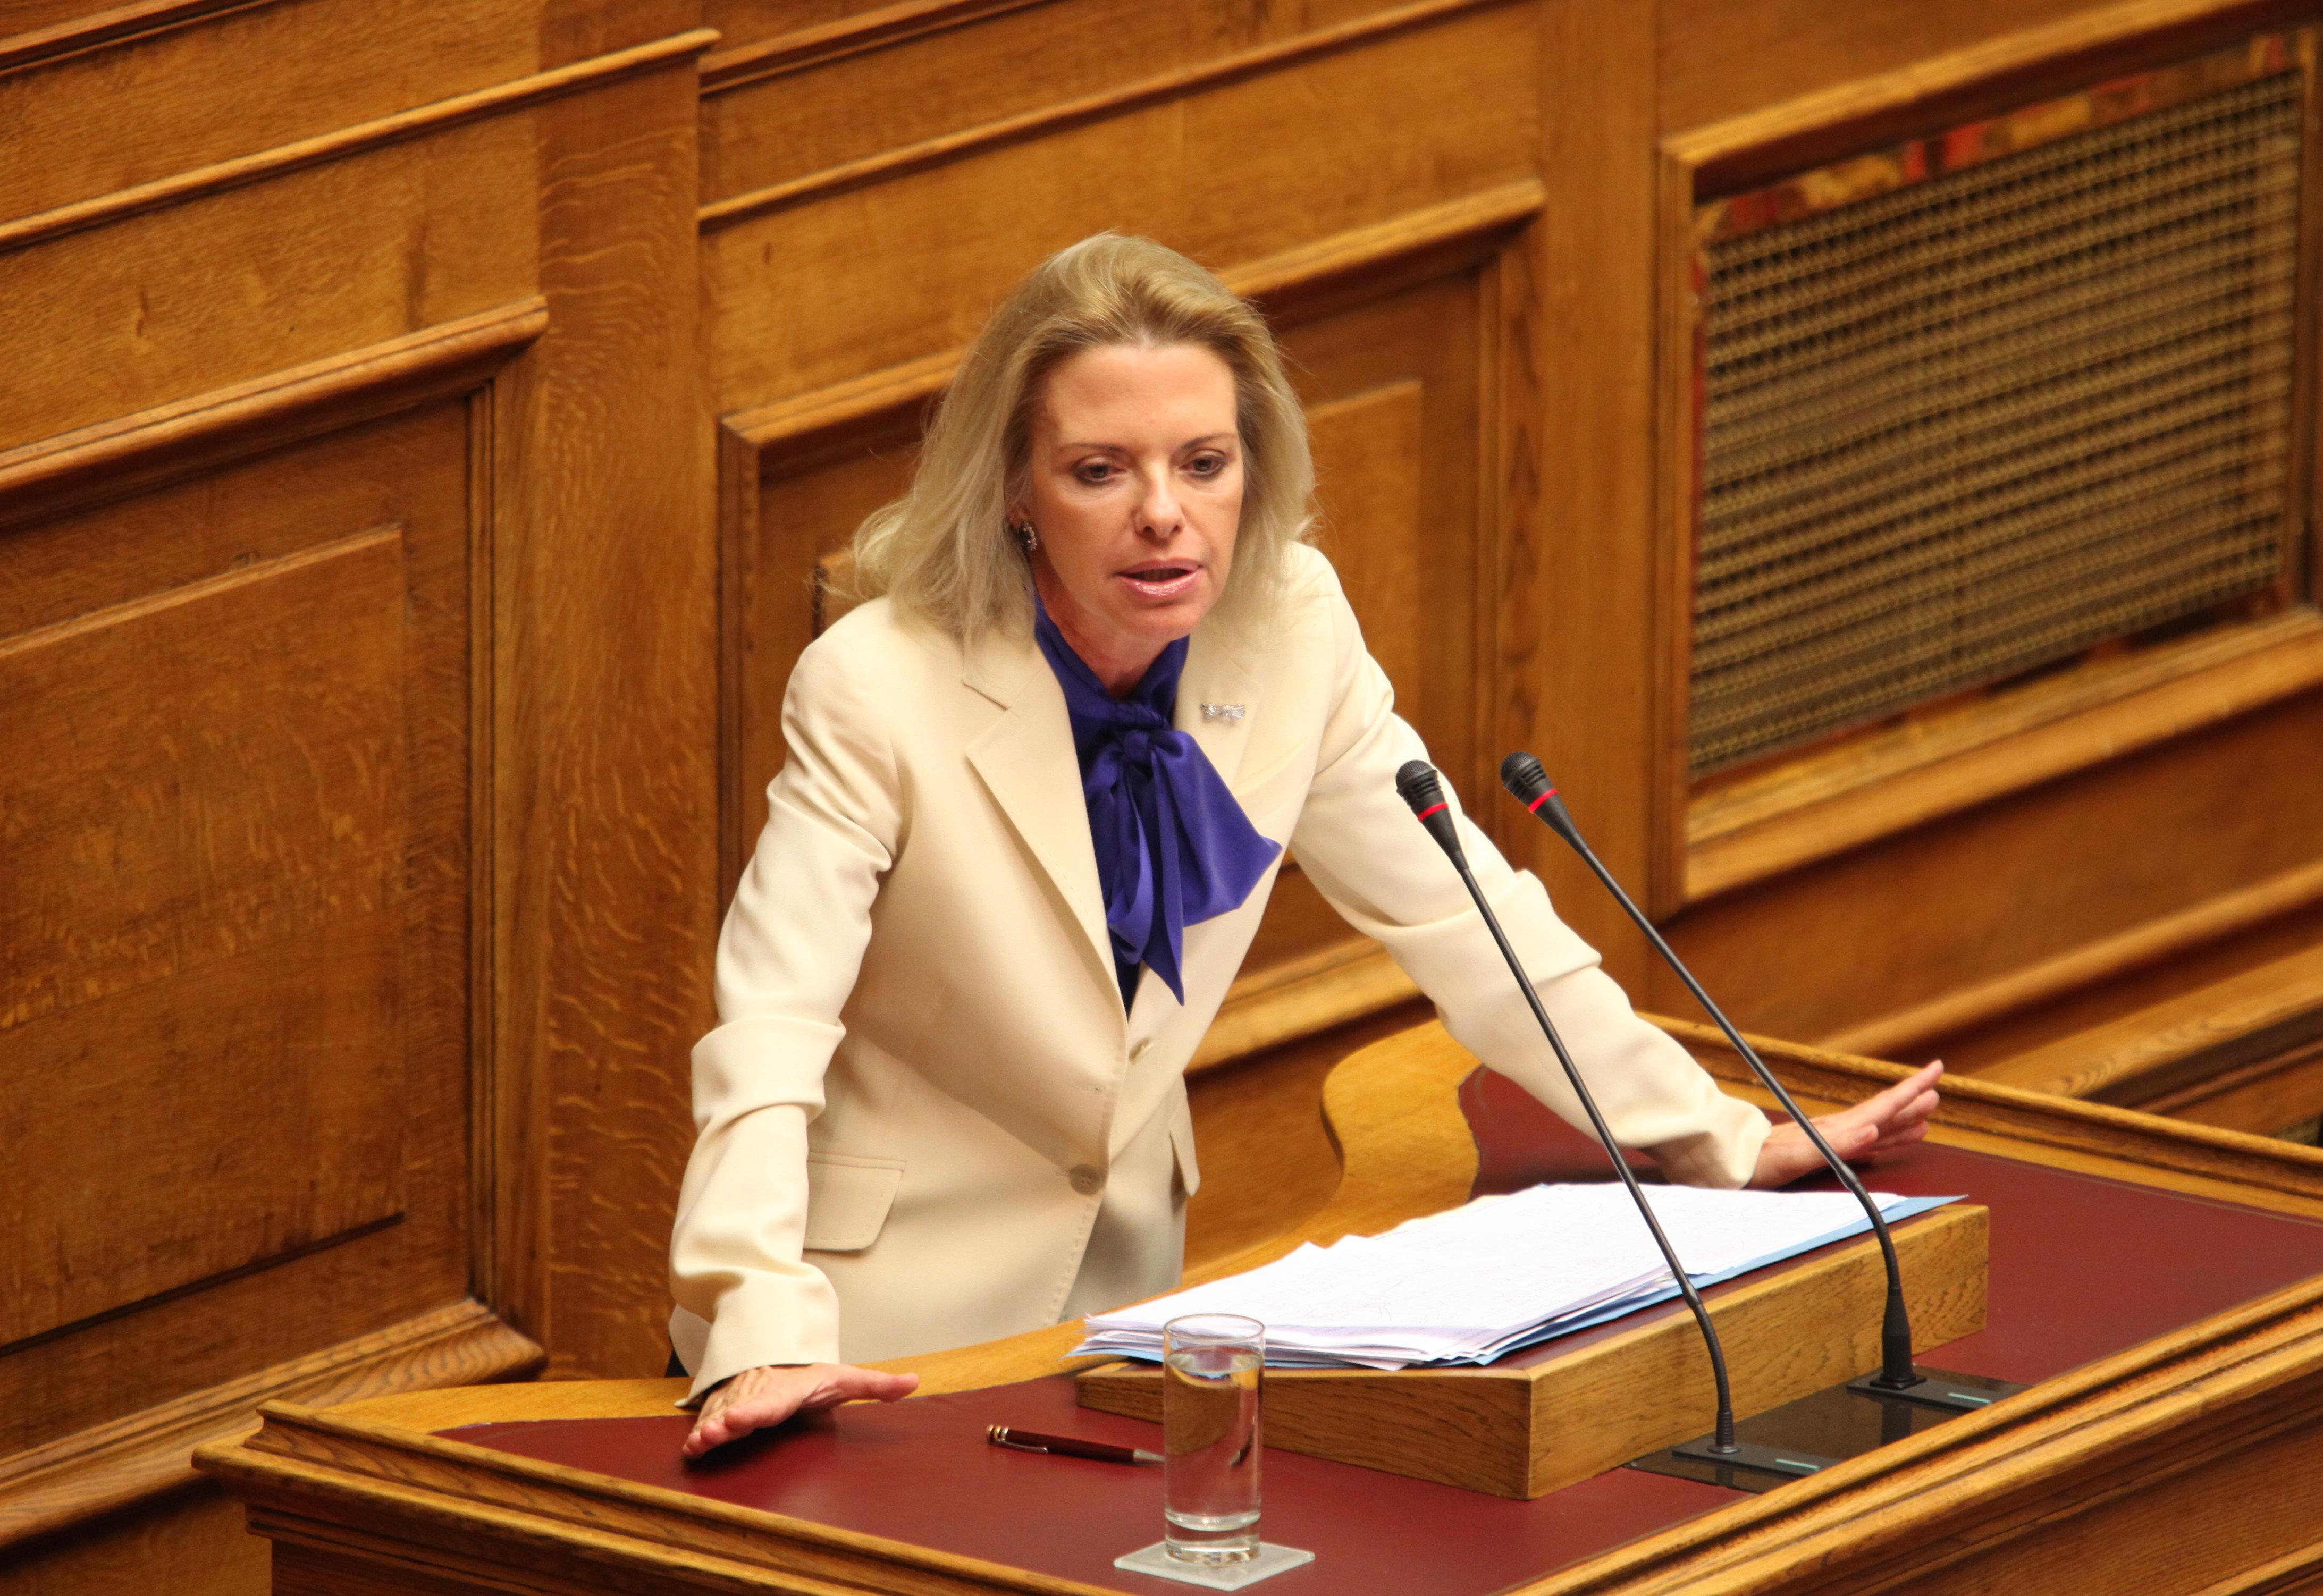 Βόζεμπεργκ: «Στο Σκοπιανό η θέση της κυβέρνησης δεν είναι ούτε σαφής, ούτε